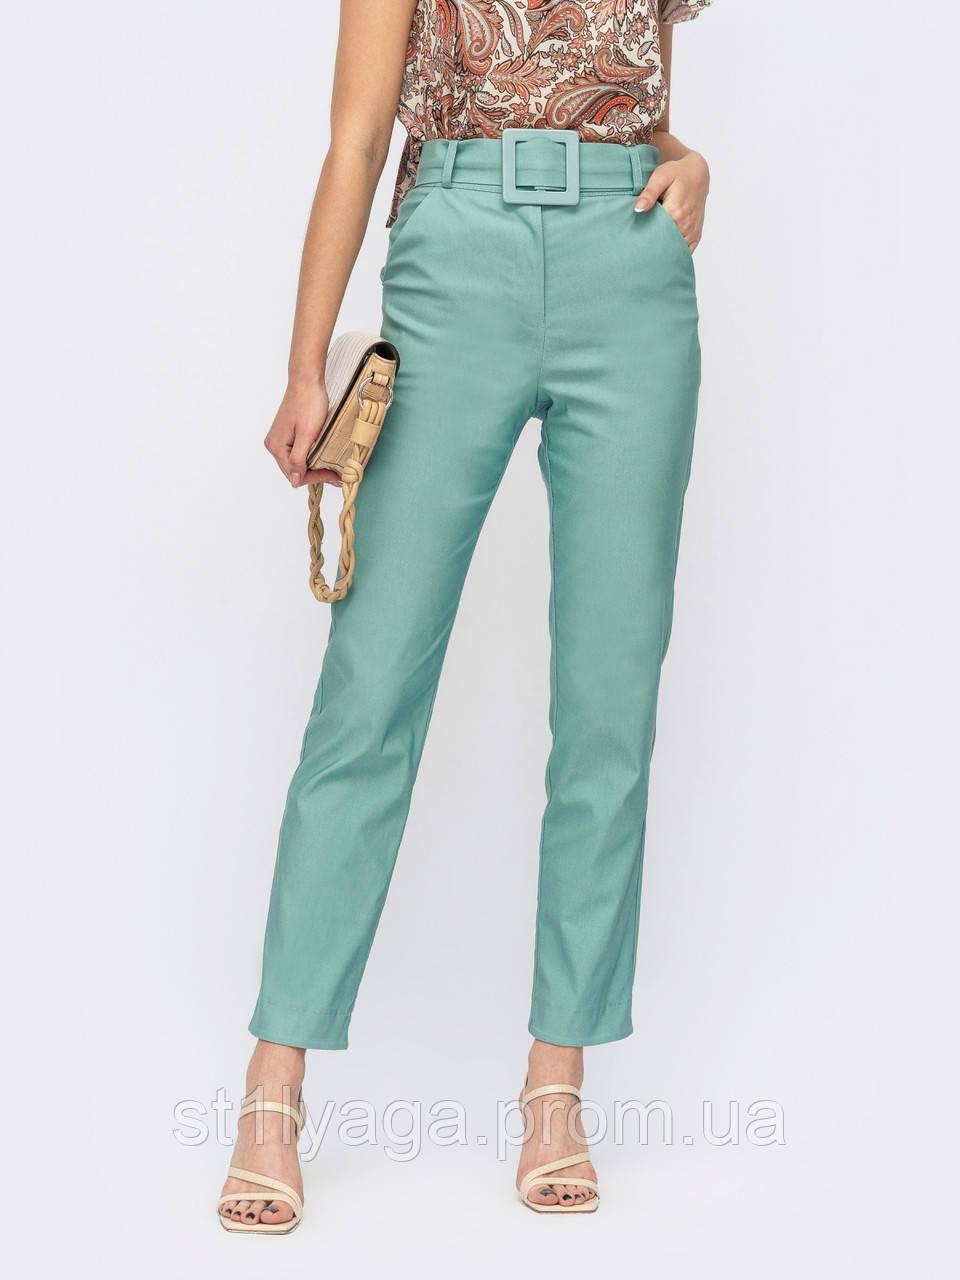 Жіночі брюки завужені з високою талією ЛІТО